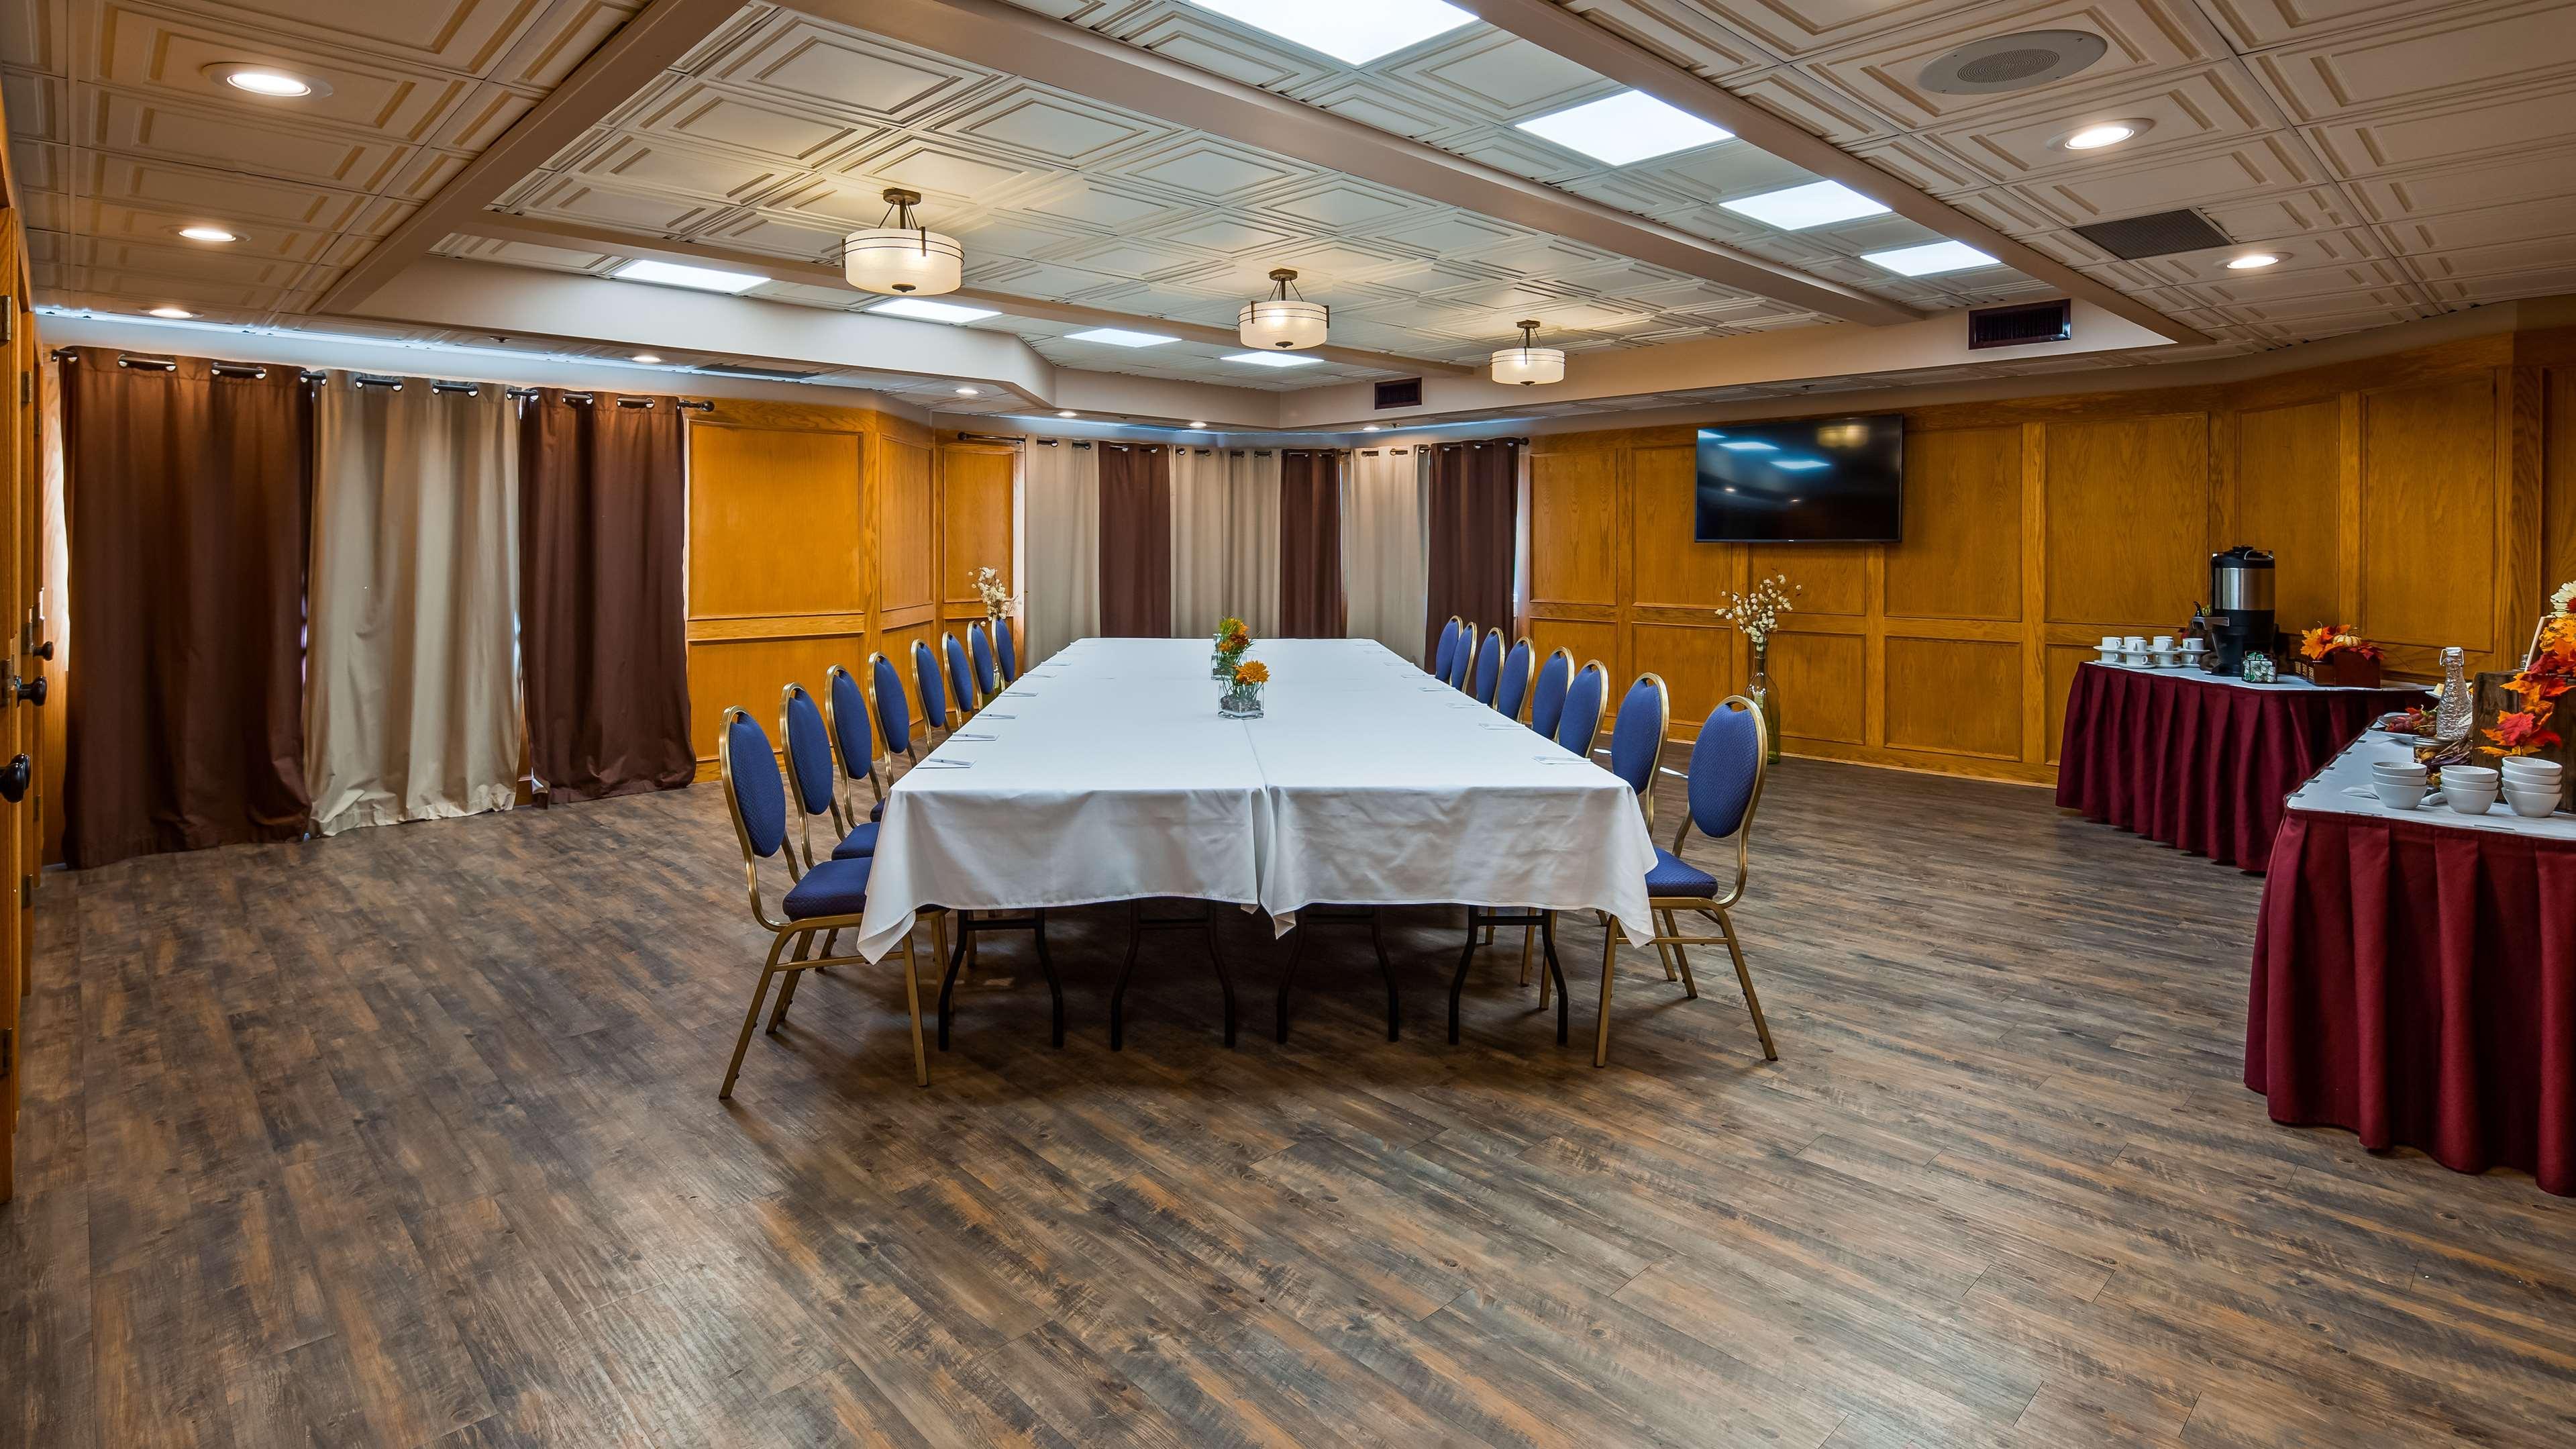 Surestay Hotel By Best Western Chilliwack in Chilliwack: The Oak Room